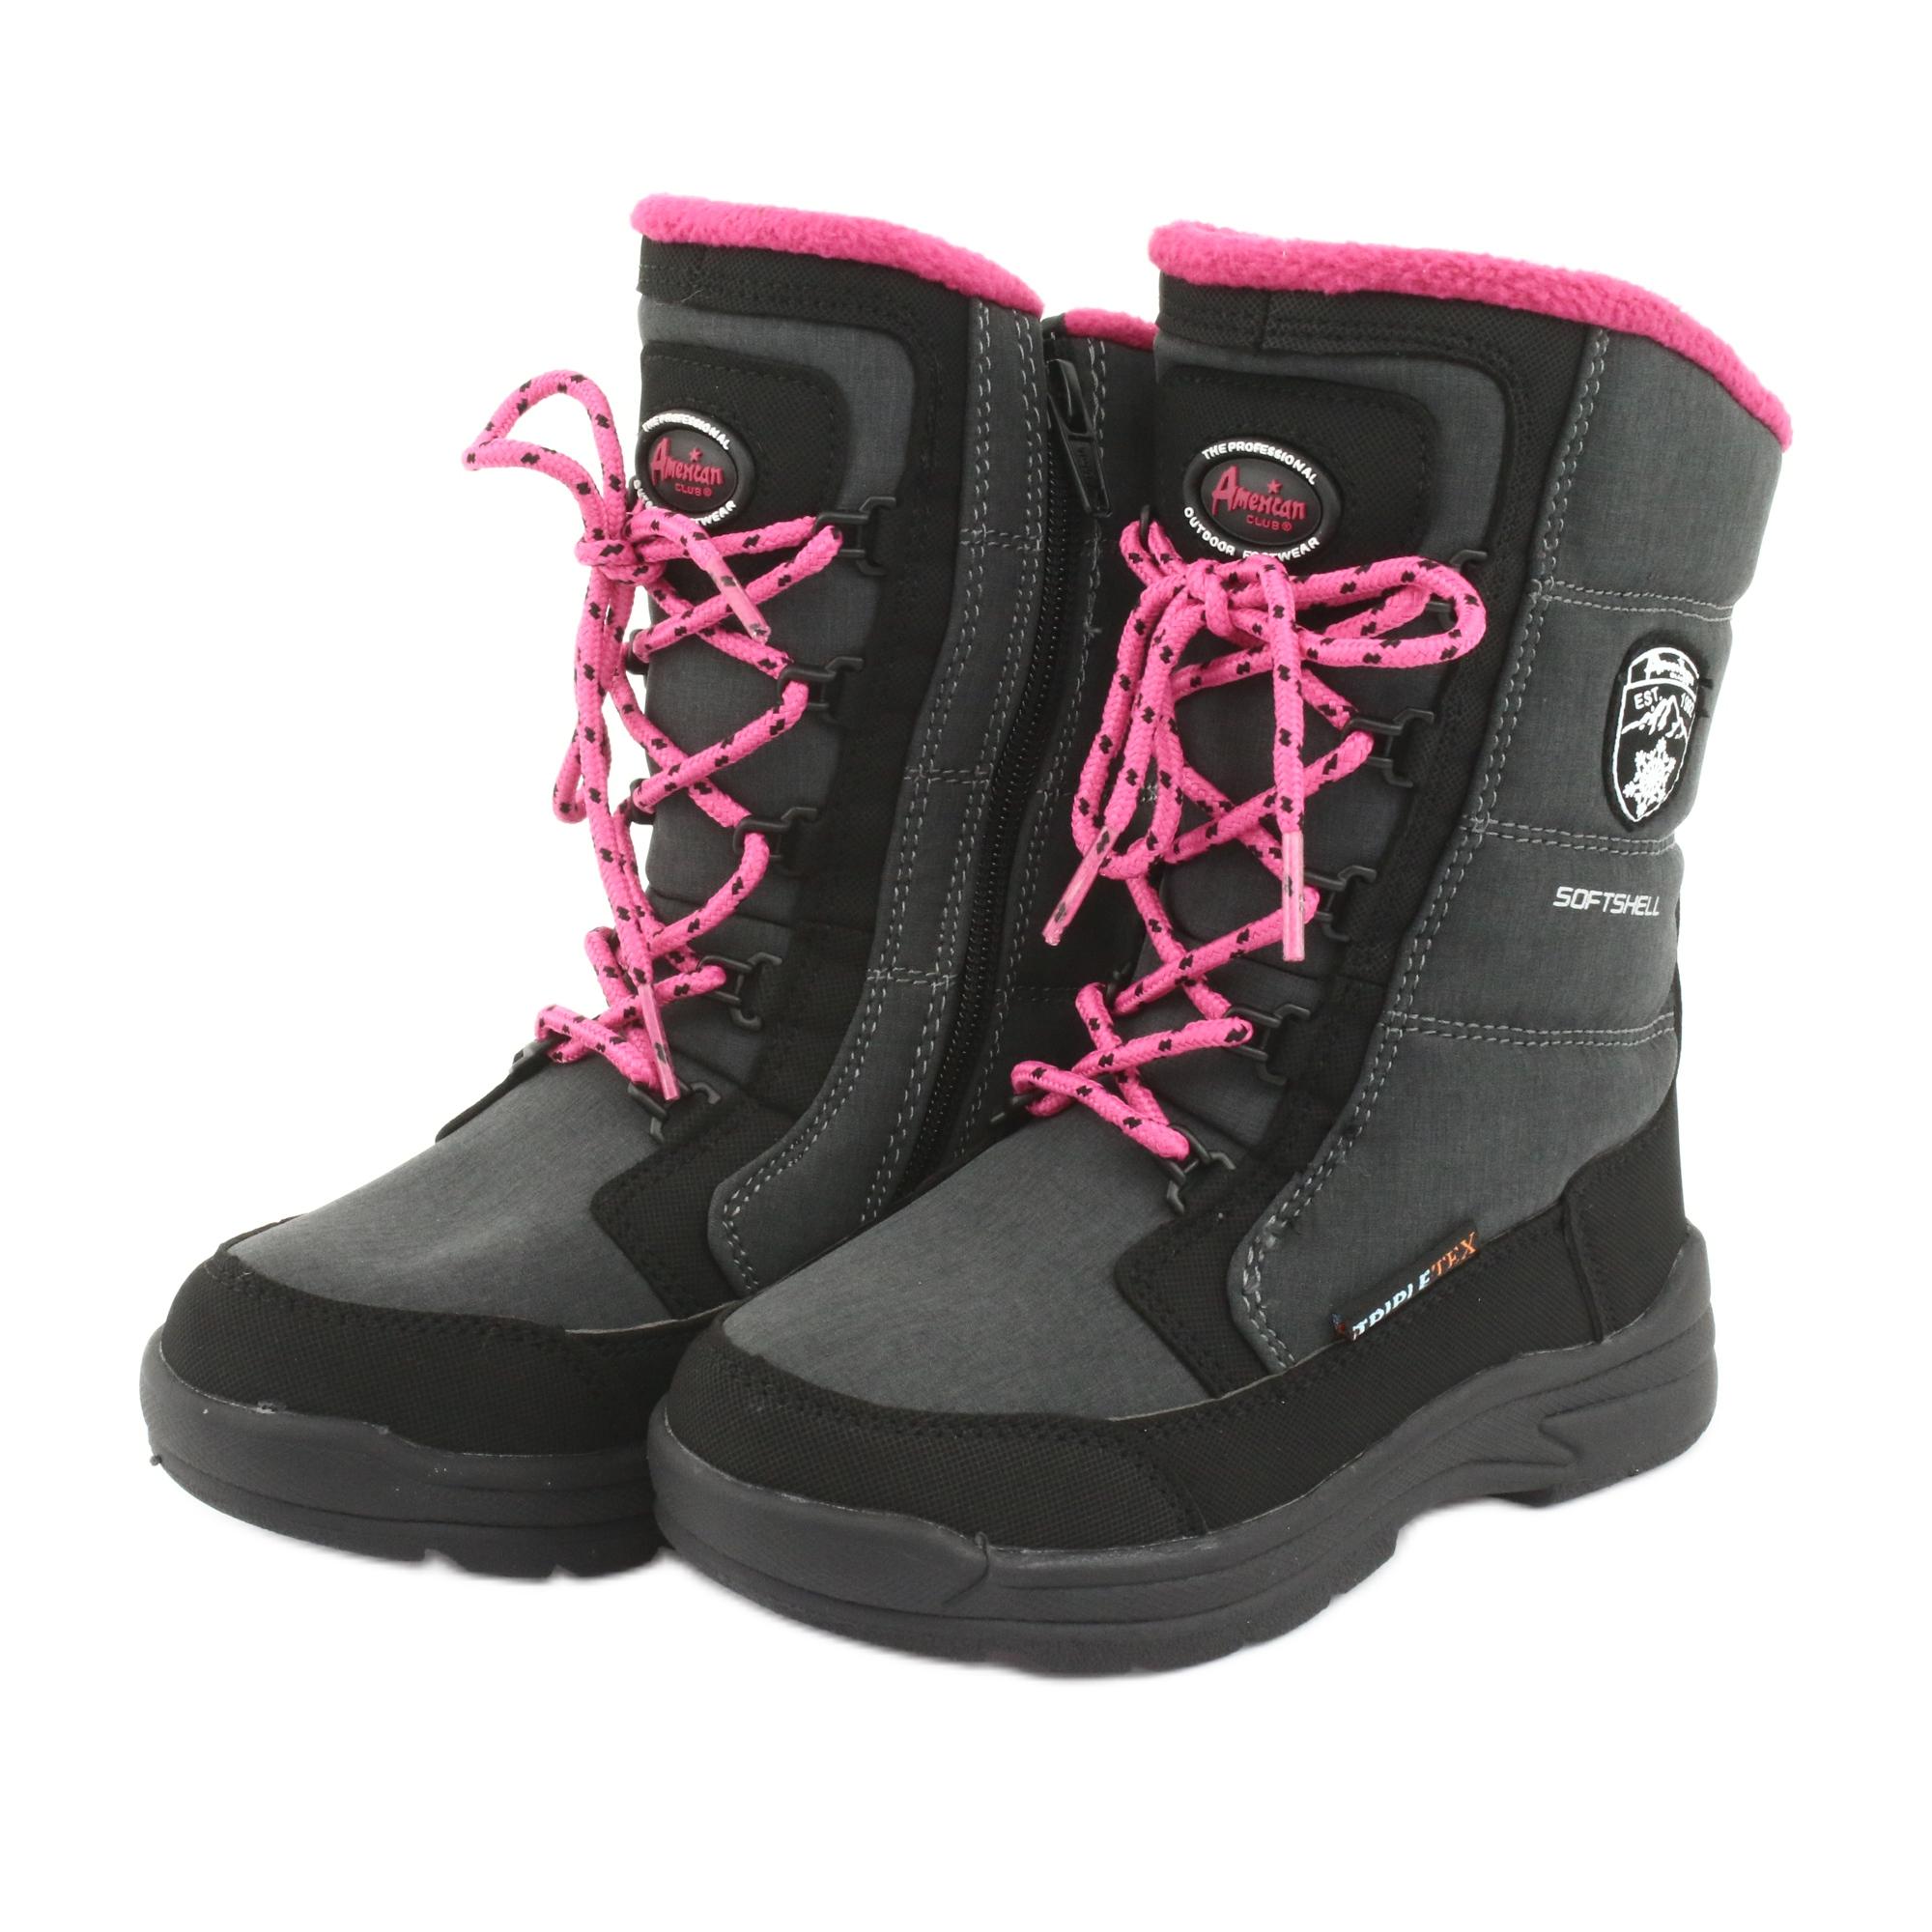 miniatura 4 - Stivali da neve con membrana American club SN13 grigia nero rosa grigio